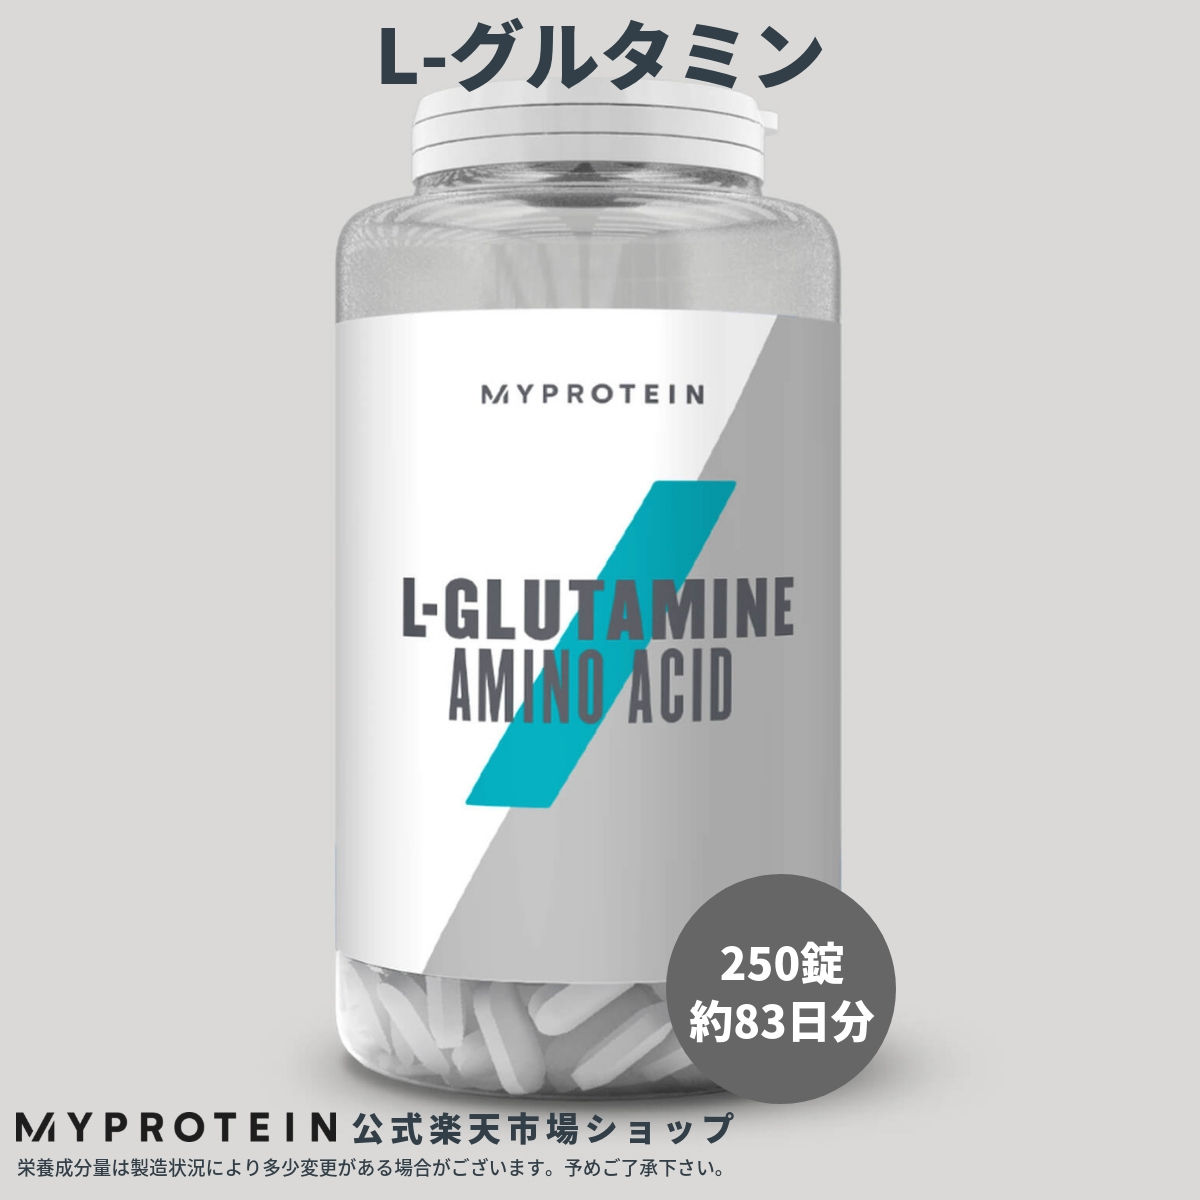 マイプロテイン 公式 【MyProtein】 L-グルタミンタブレット 250錠 約83日分| サプリメント サプリ アミノ酸 あみの酸 グルタミン 燃焼系 スポーツサプリ ダイエットサプリ パウダー スタミナ【楽天海外直送】